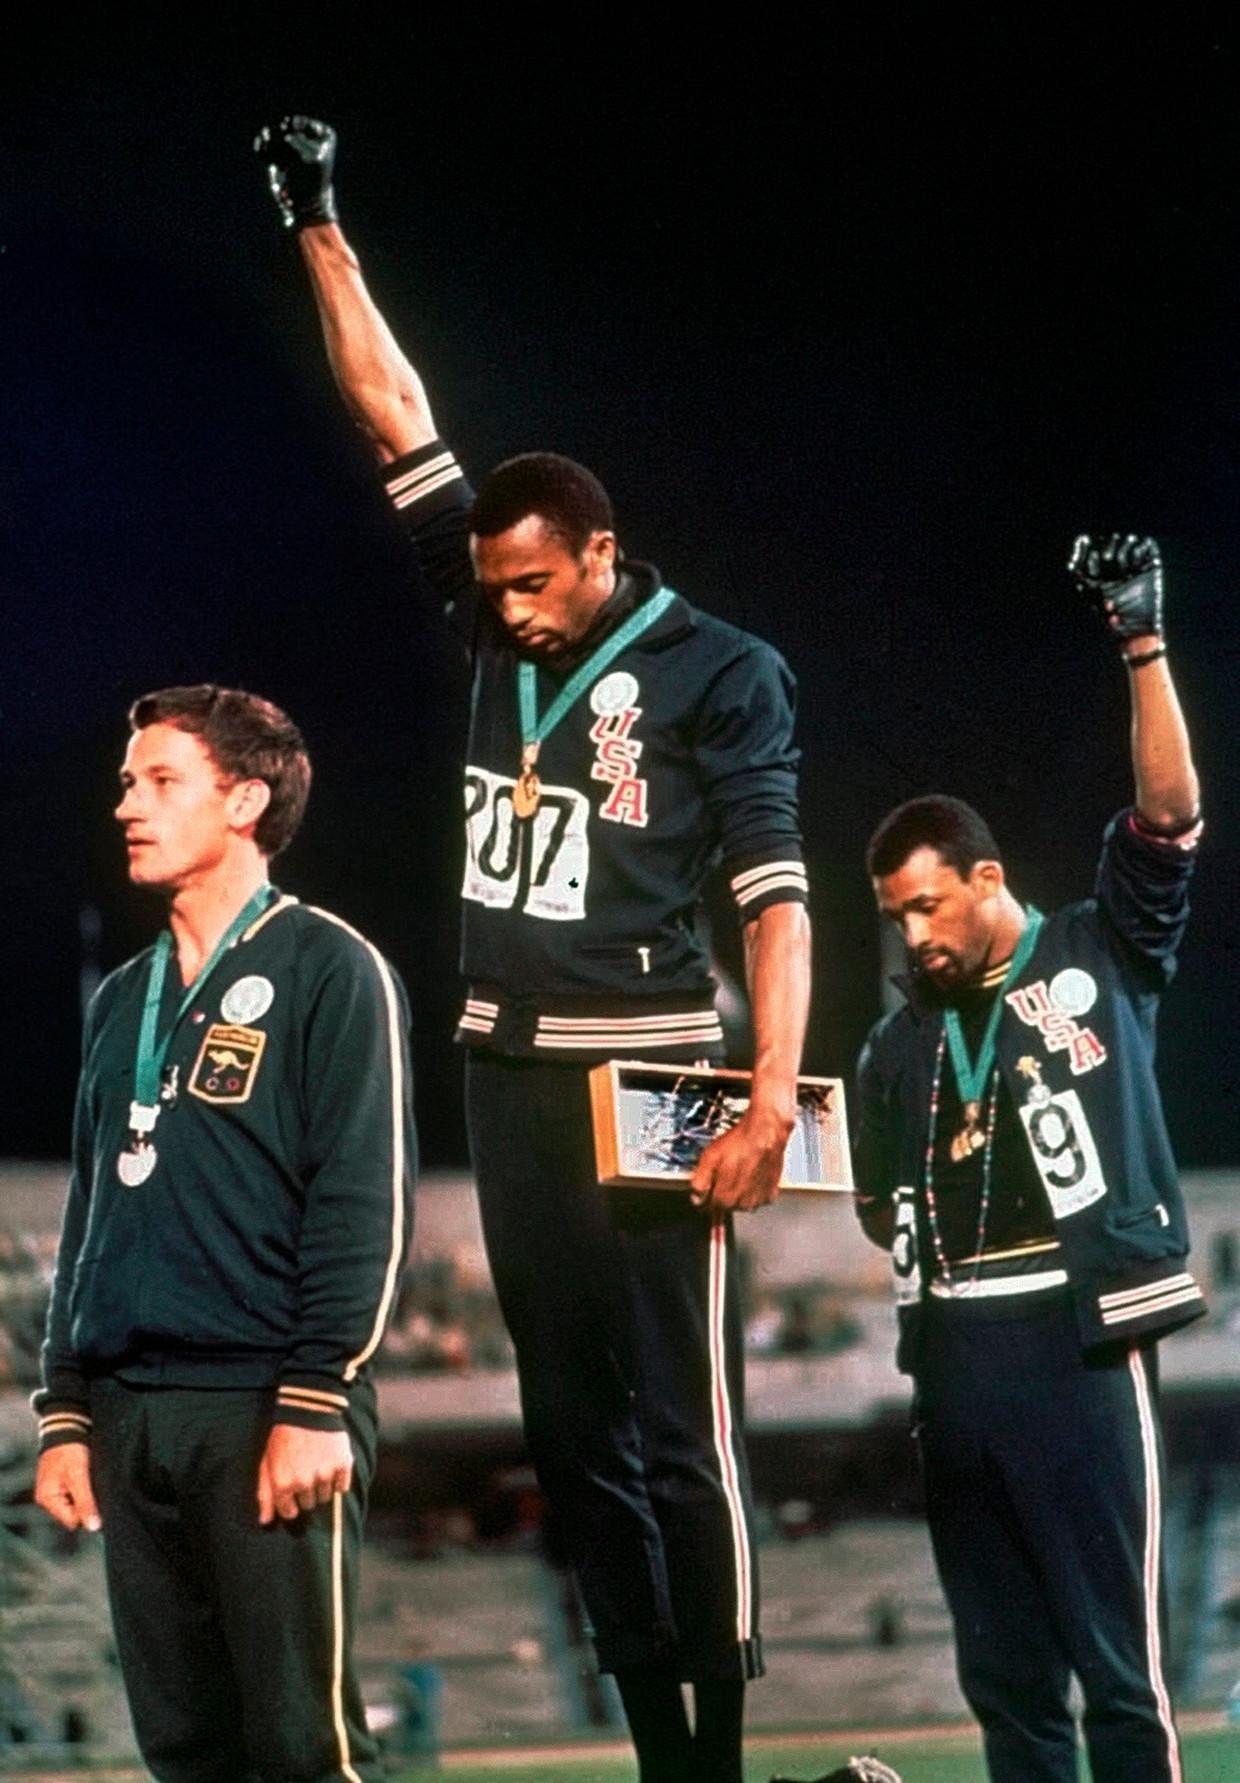 1968. De hoofden gebogen, de vuisten gebald. De Amerikaanse atleten Tommie Smith en John Carlos protesteren tijdens de Spelen van Mexico tegen het racisme in de VS. Beeld AP